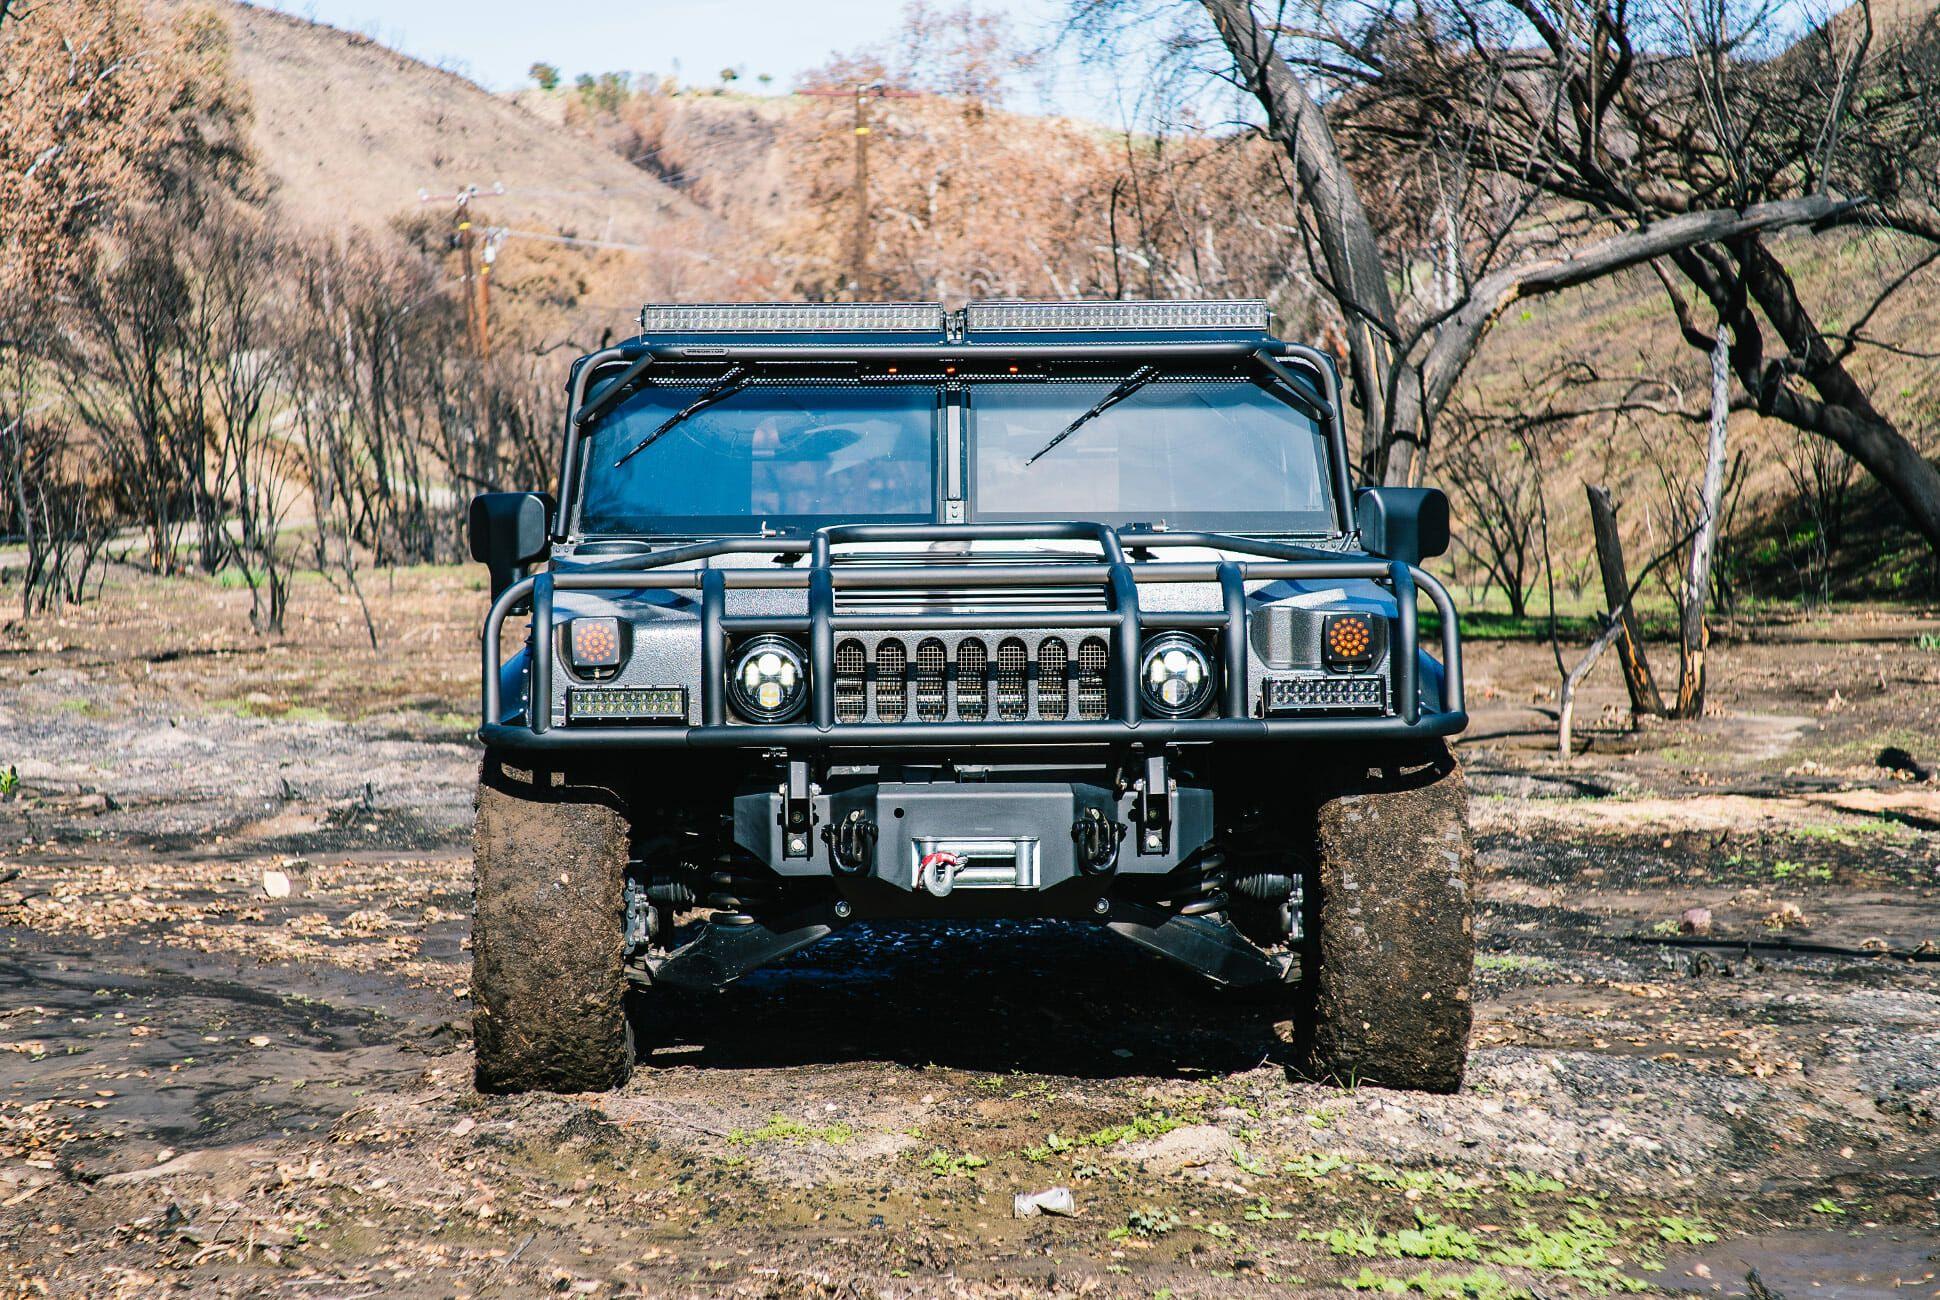 Mil-Spec-Automotive-Hummer-H1-gear-patrol-slide-3